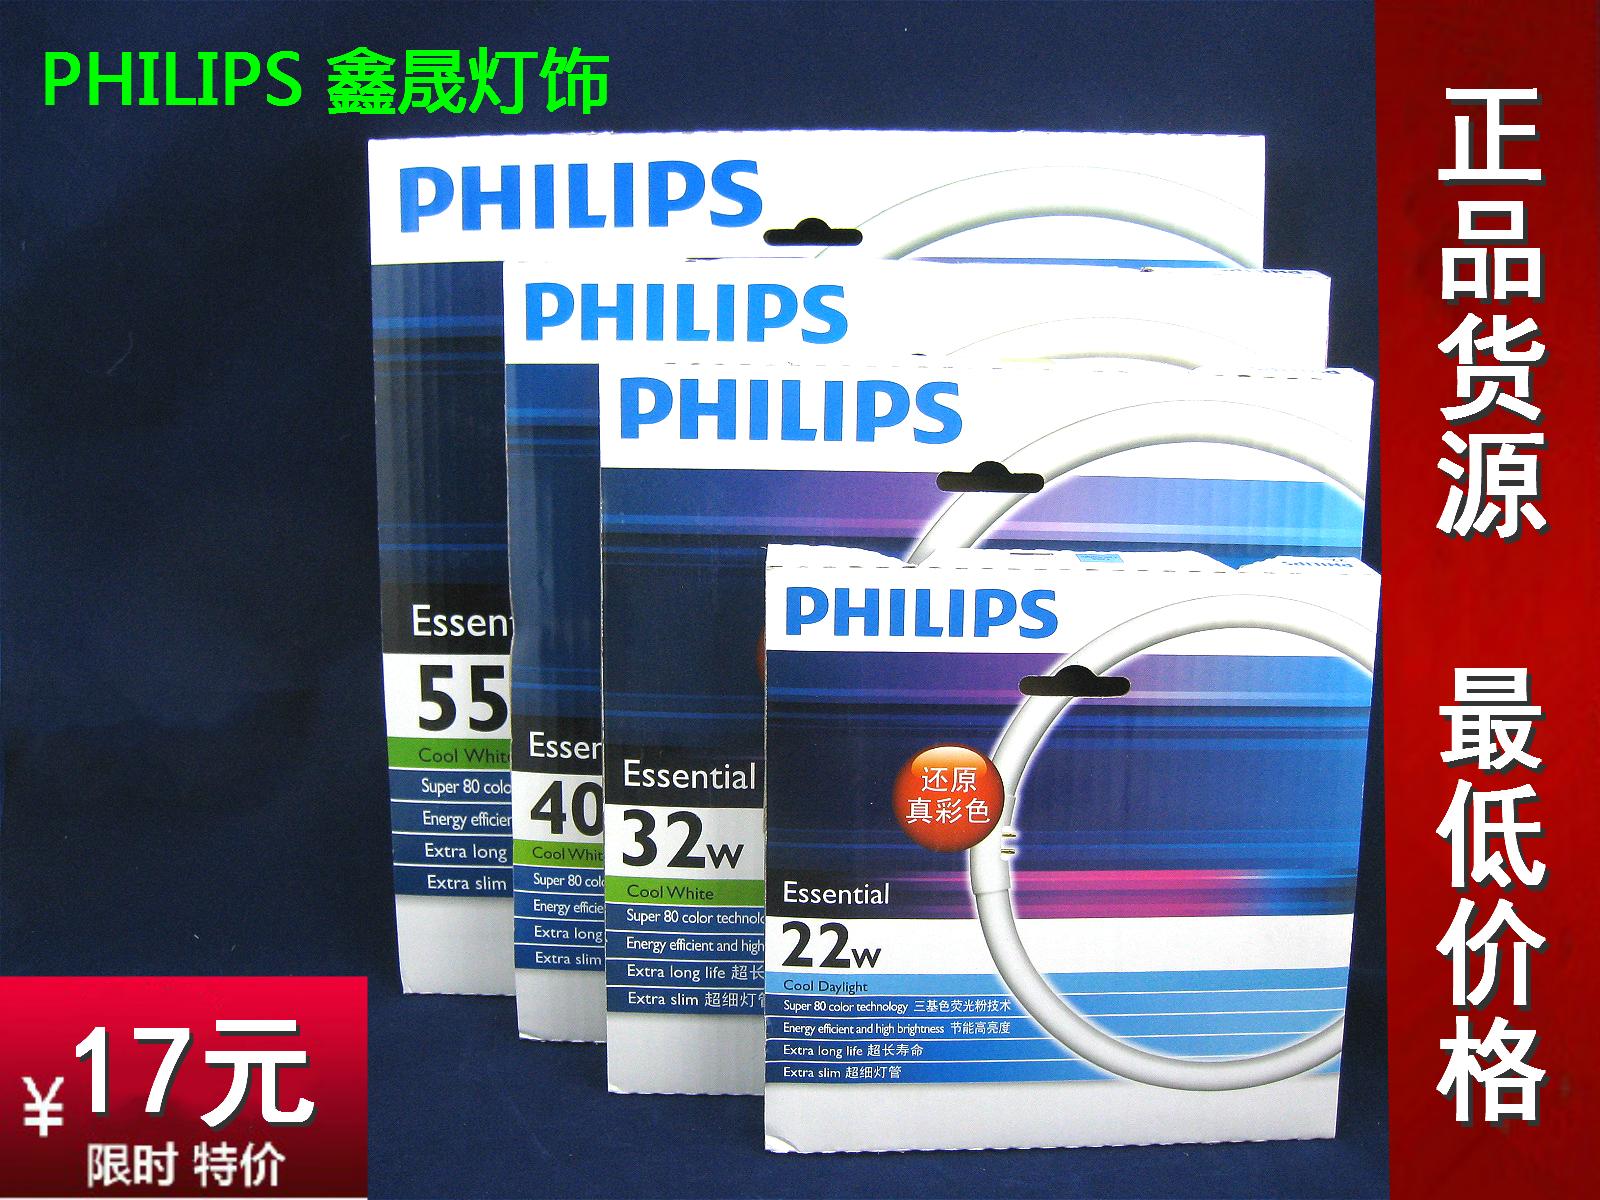 лампочка Philips T5 22W32W40W55WT8 22W32WTL5C лампочка philips hx6150 hx6160 hx7990 uv